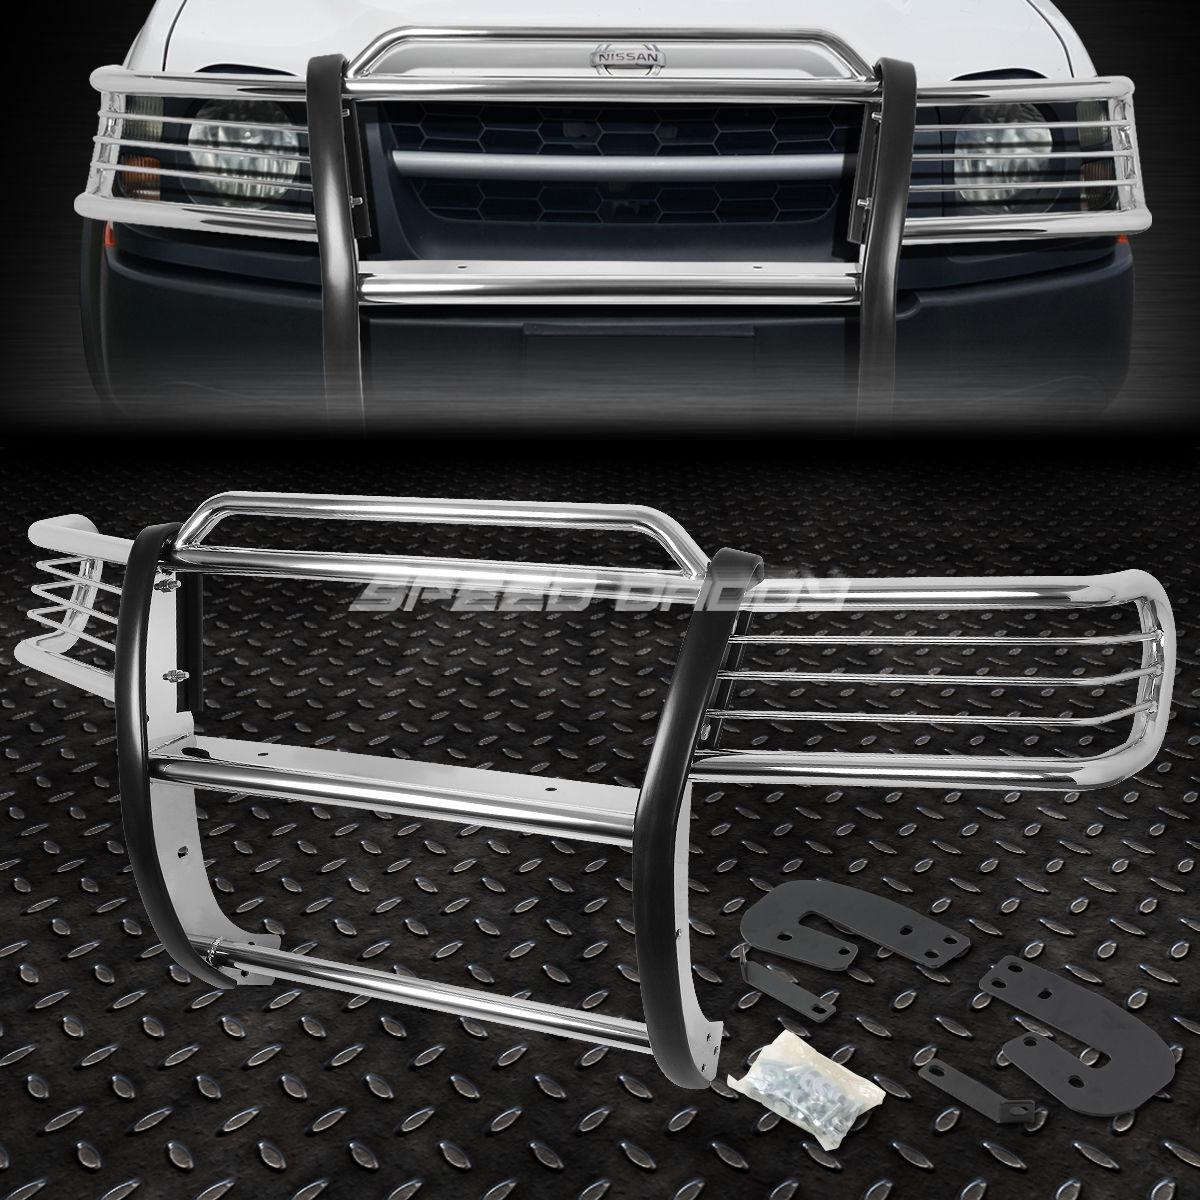 グリル クロムステンレスフロントバンパーグリルガード02-04 NISSAN XTERRA WD22 SUV CHROME STAINLESS STEEL FRONT BUMPER GRILL GUARD FOR 02-04 NISSAN XTERRA WD22 SUV